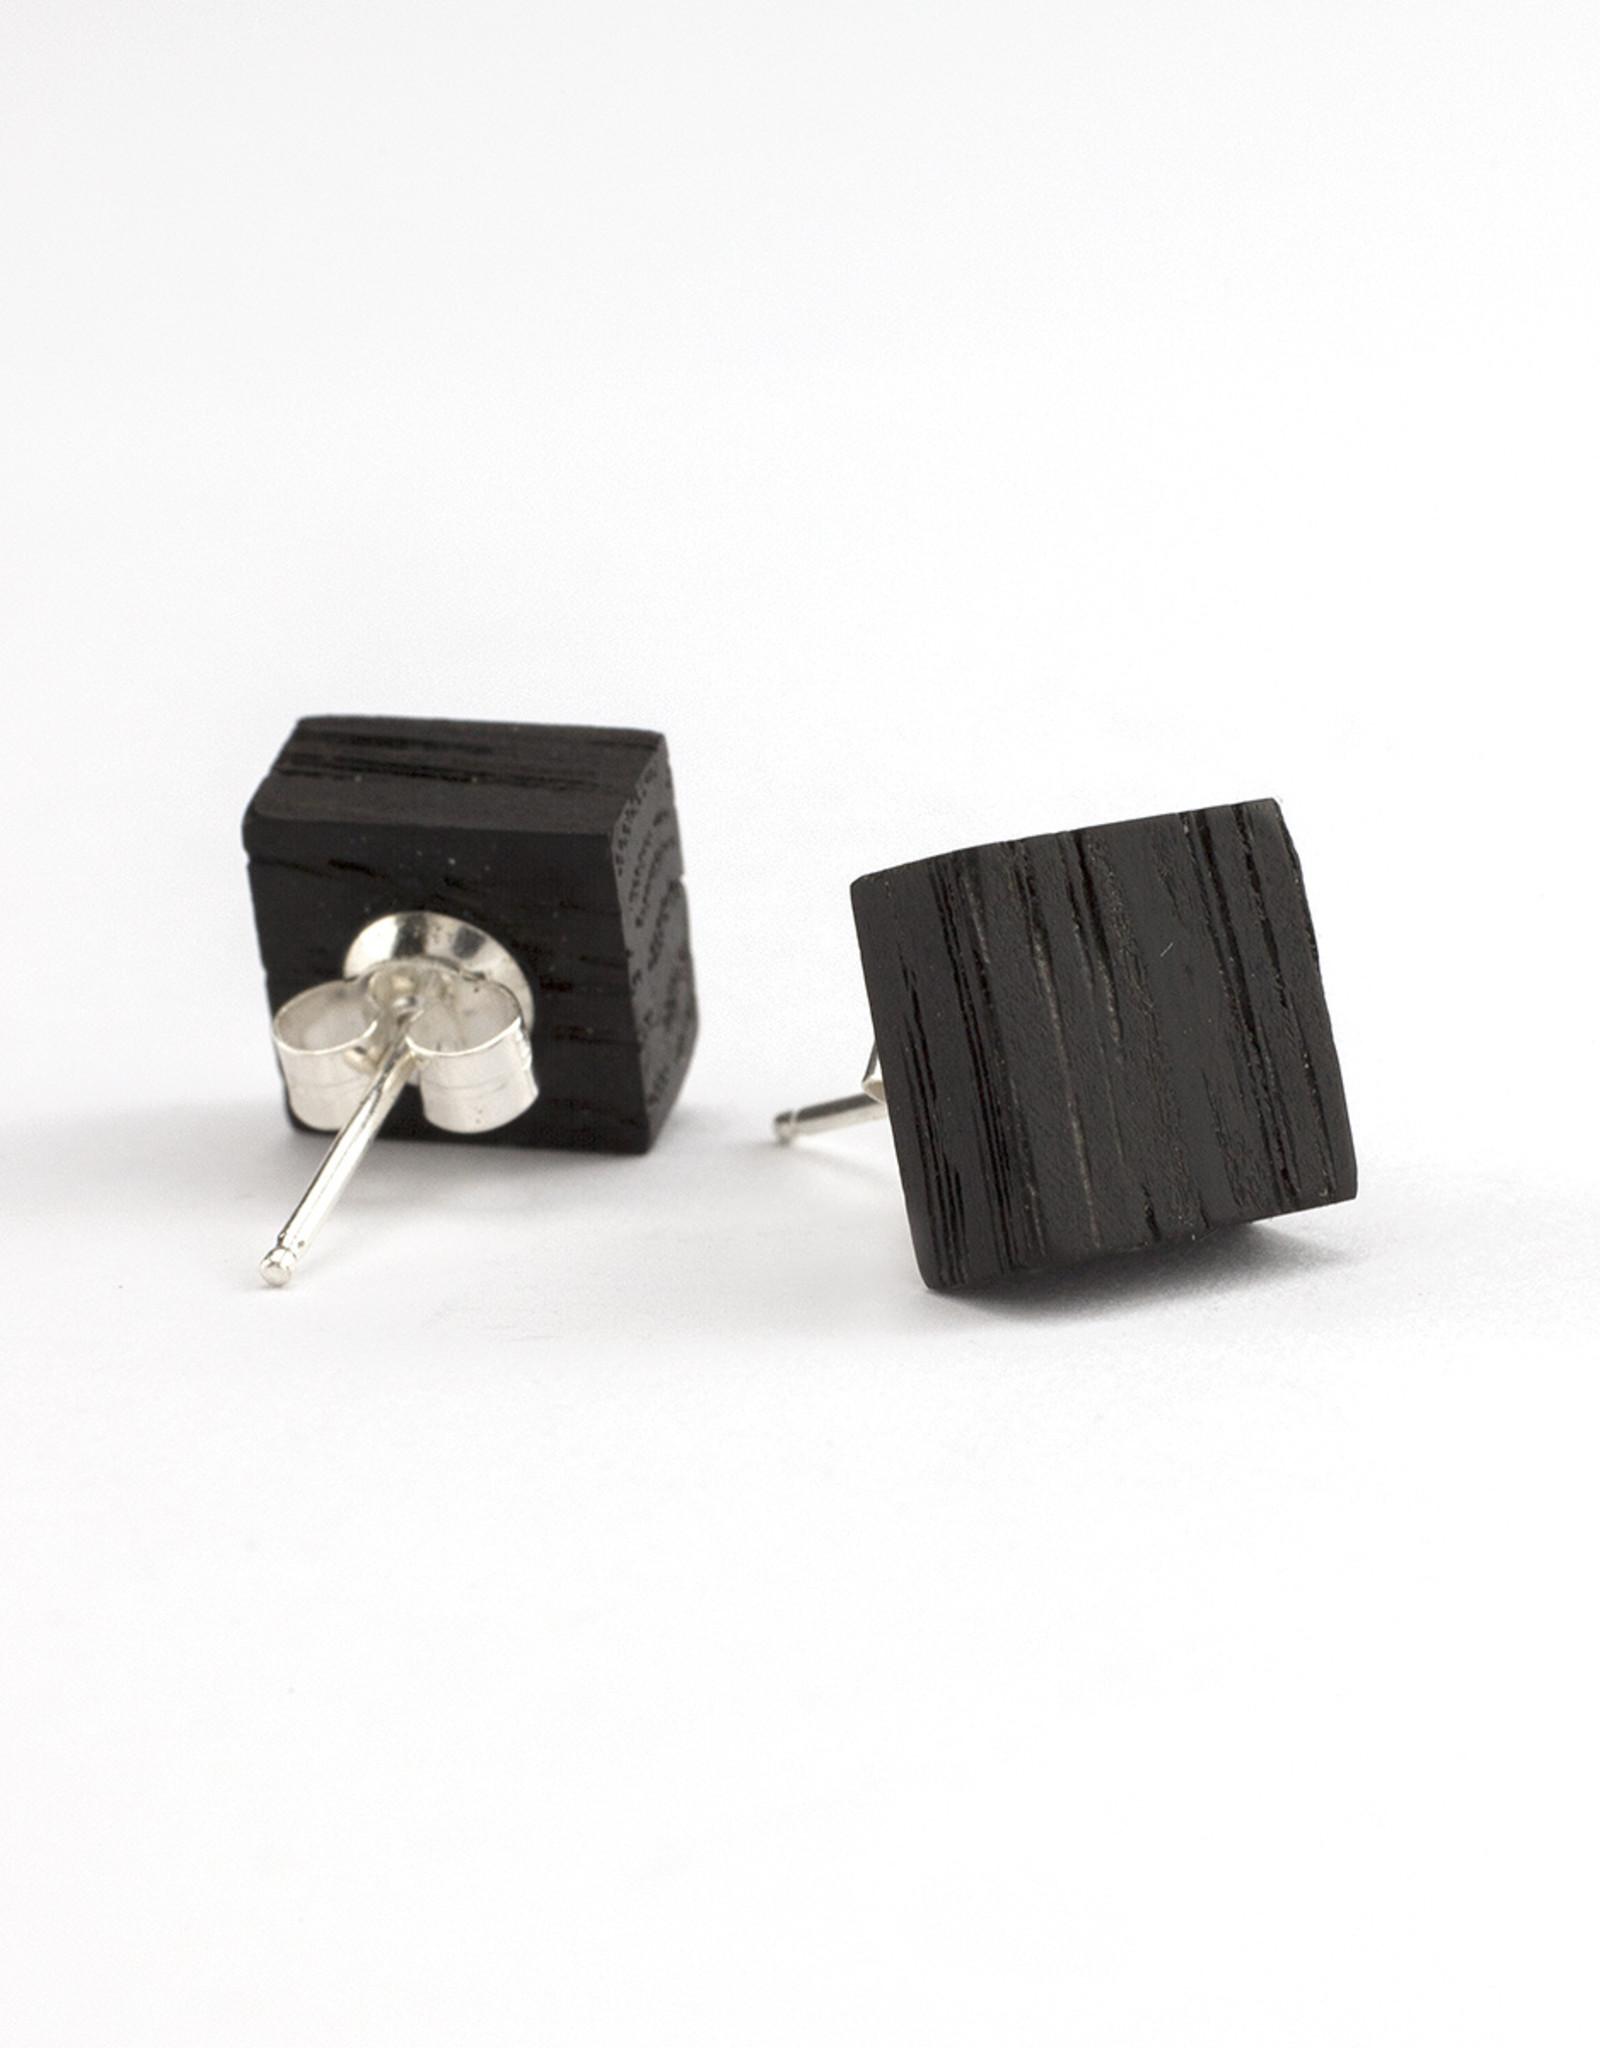 Leko & Leko Jewellery Leko & Leko - Root Stud Earrings